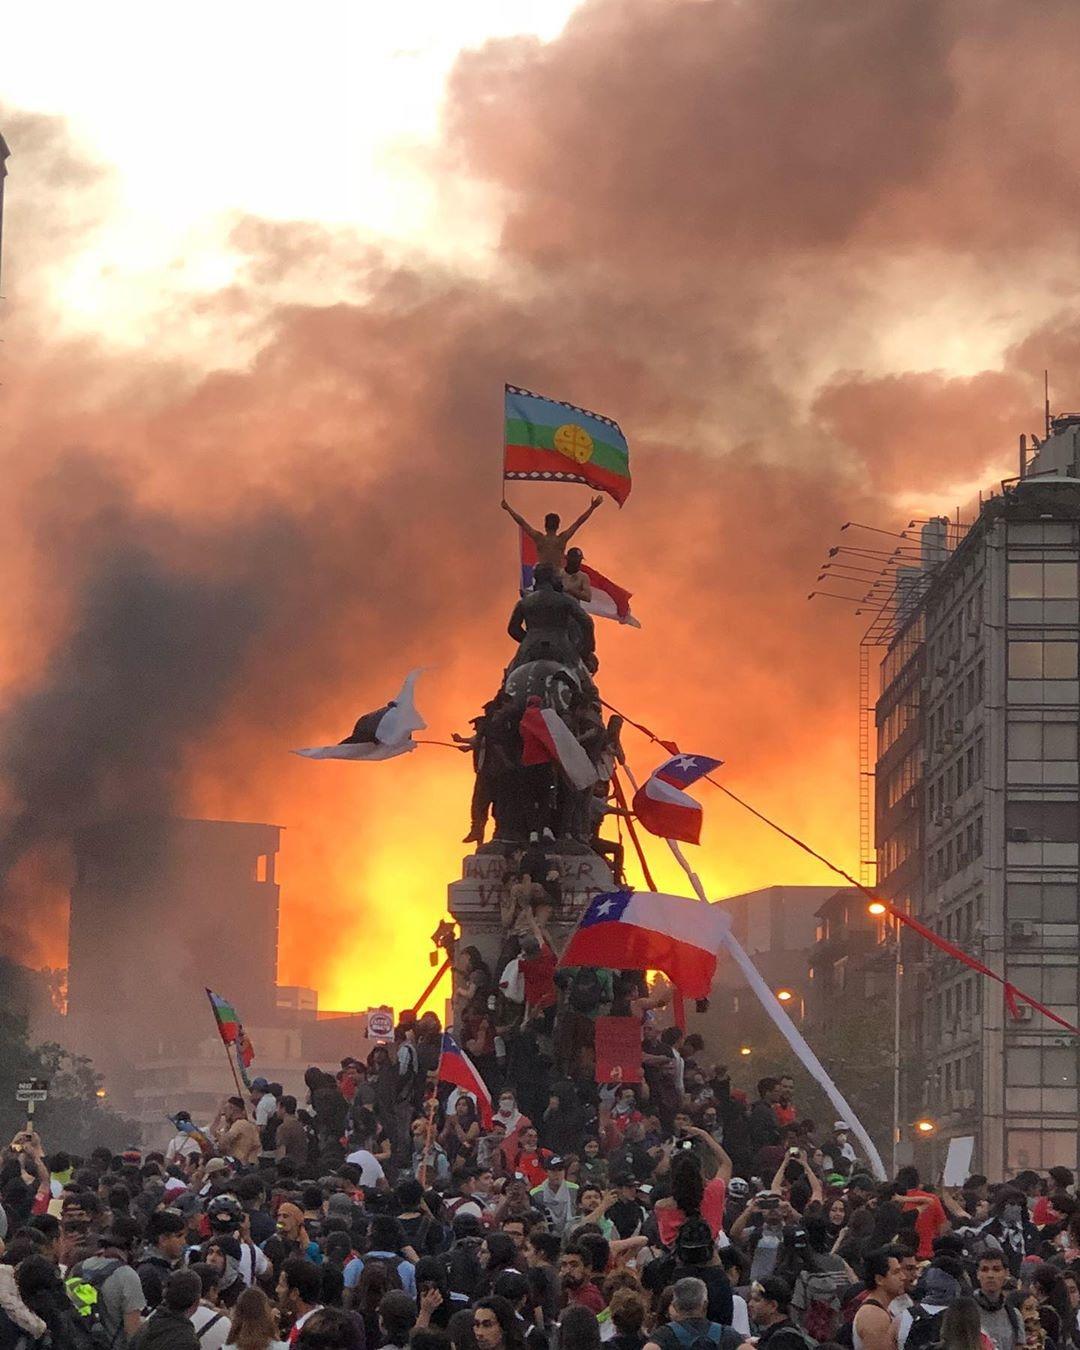 América Latina en revolución: lecciones del octubre rojo